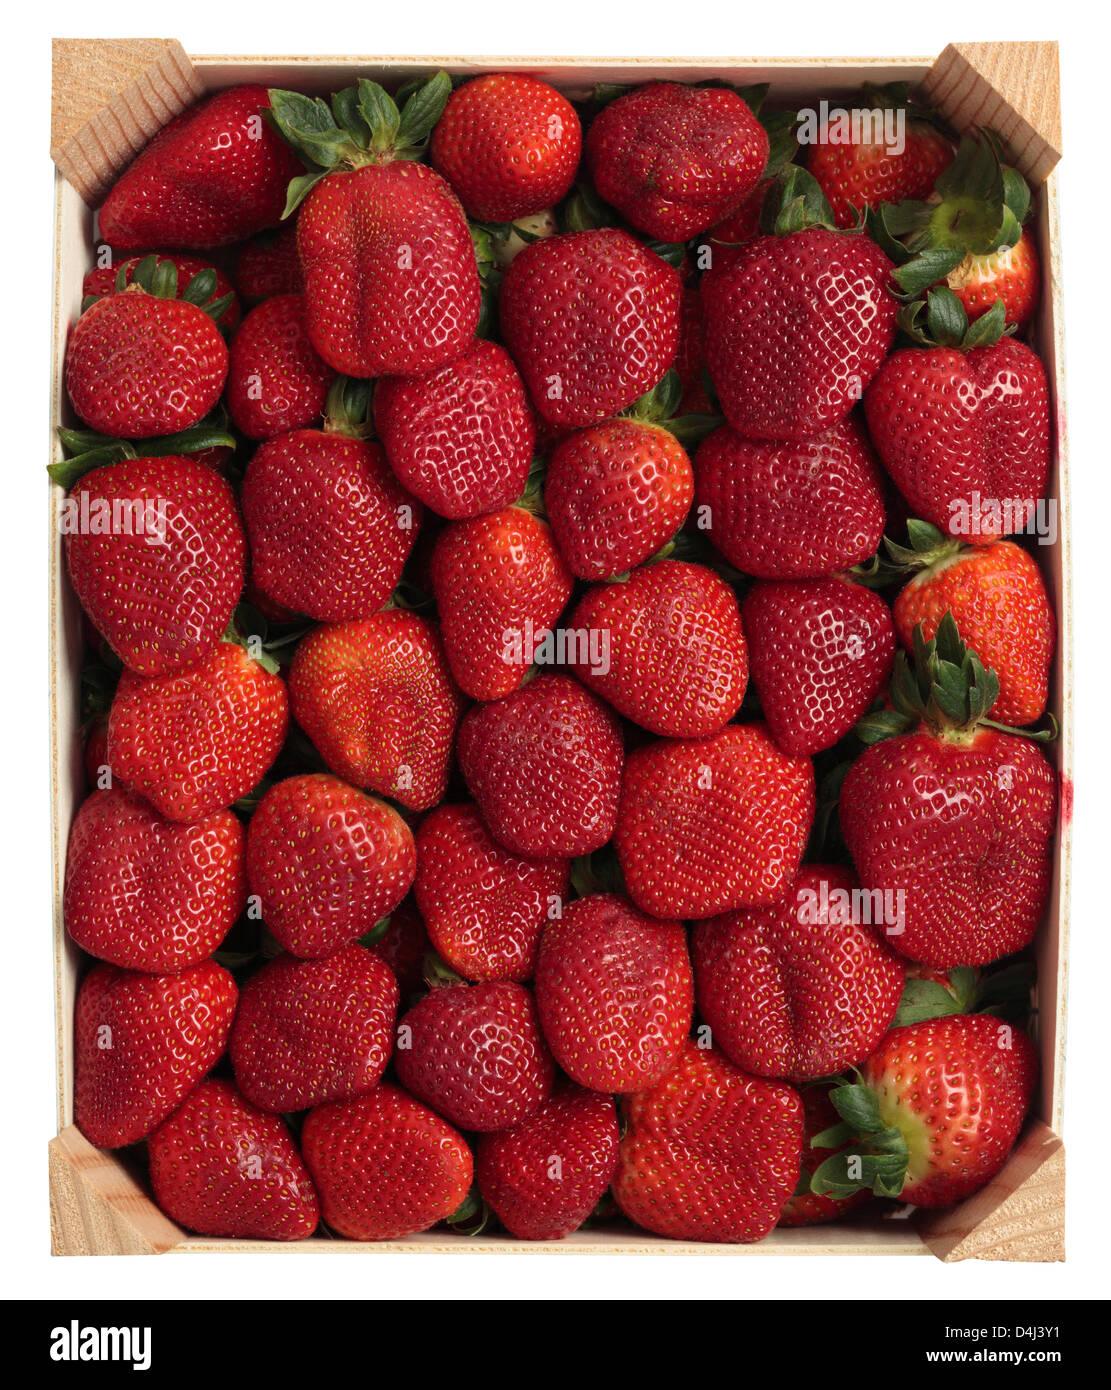 Tablett mit Erdbeeren Stockbild